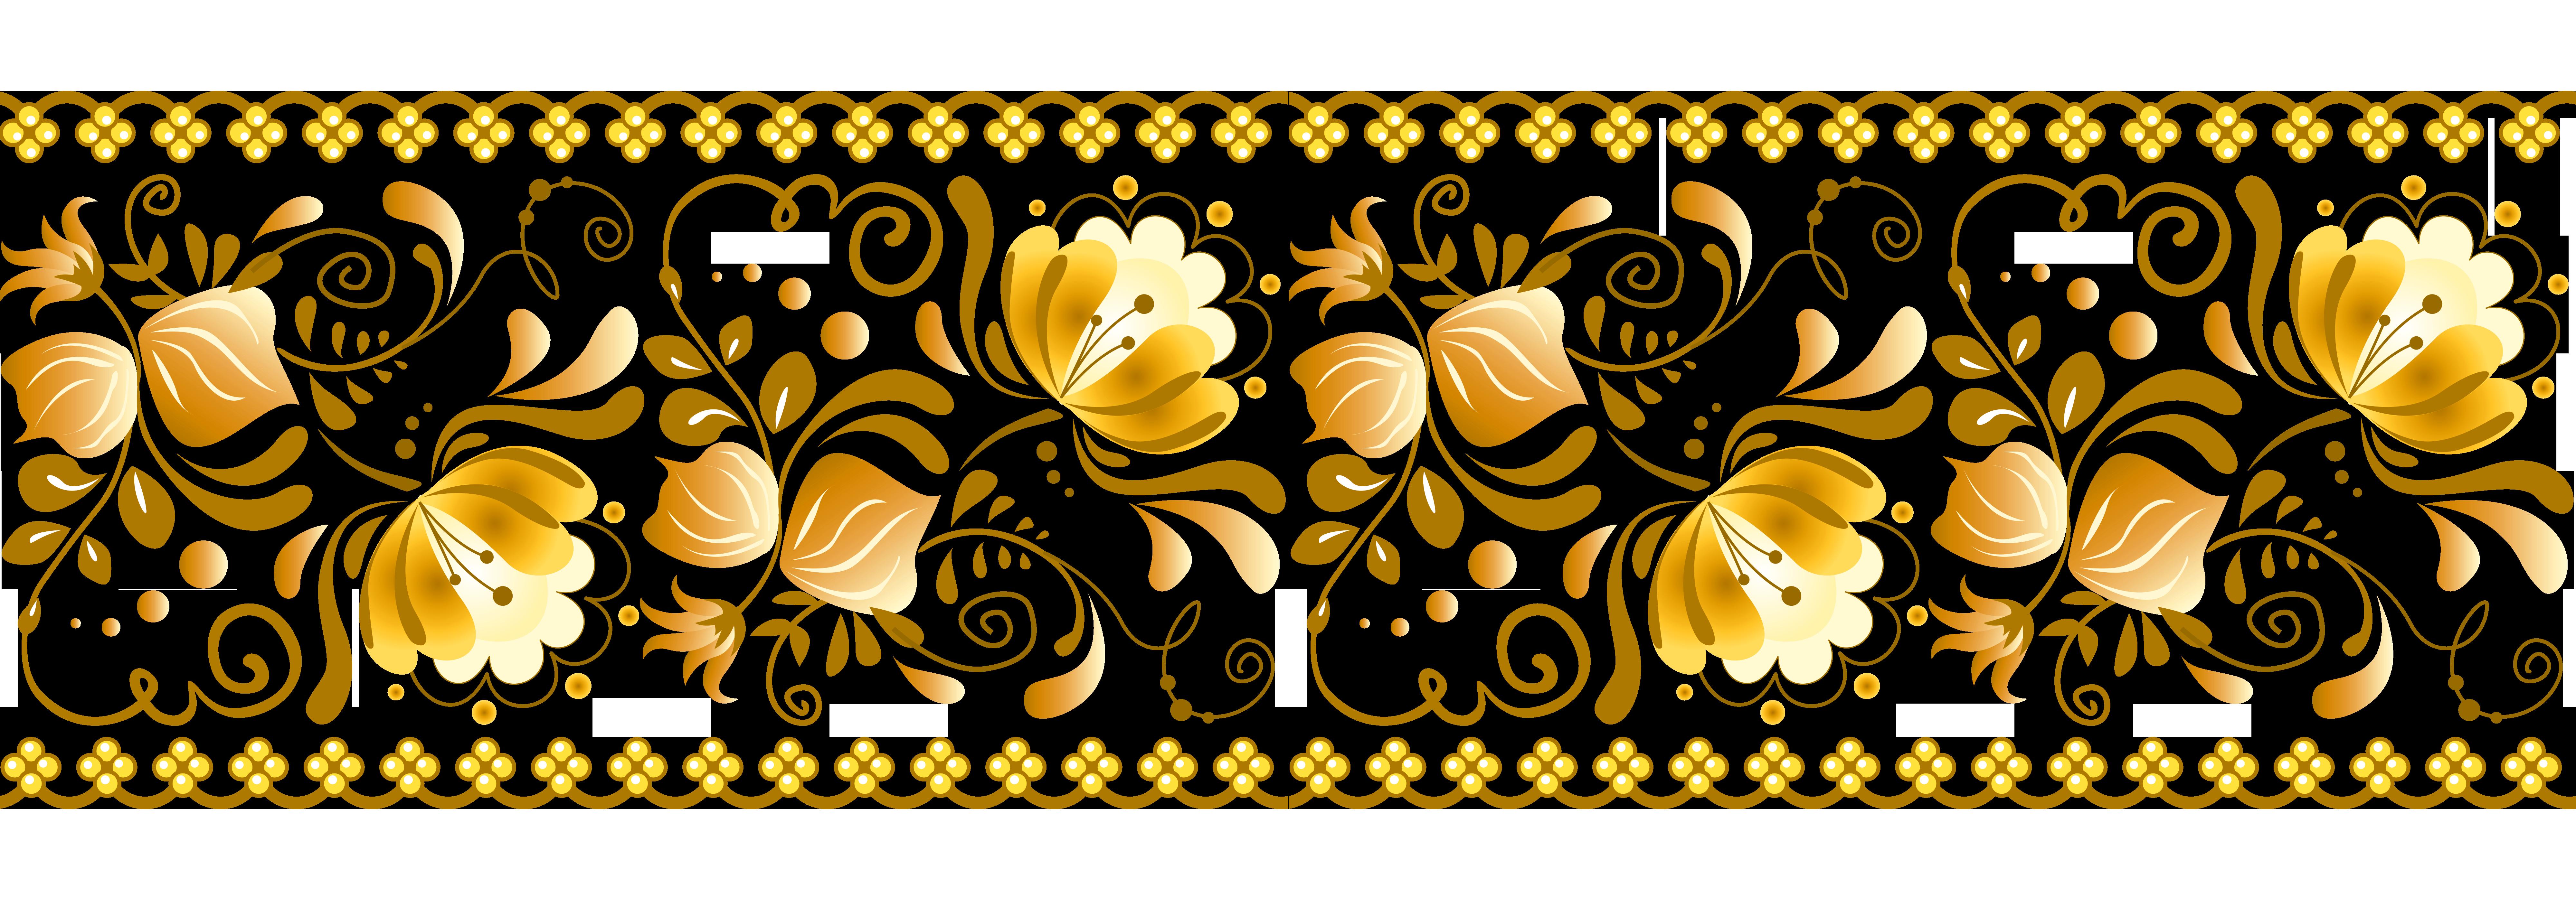 Decoration clipart Yopriceville  Decoration Transparent Download